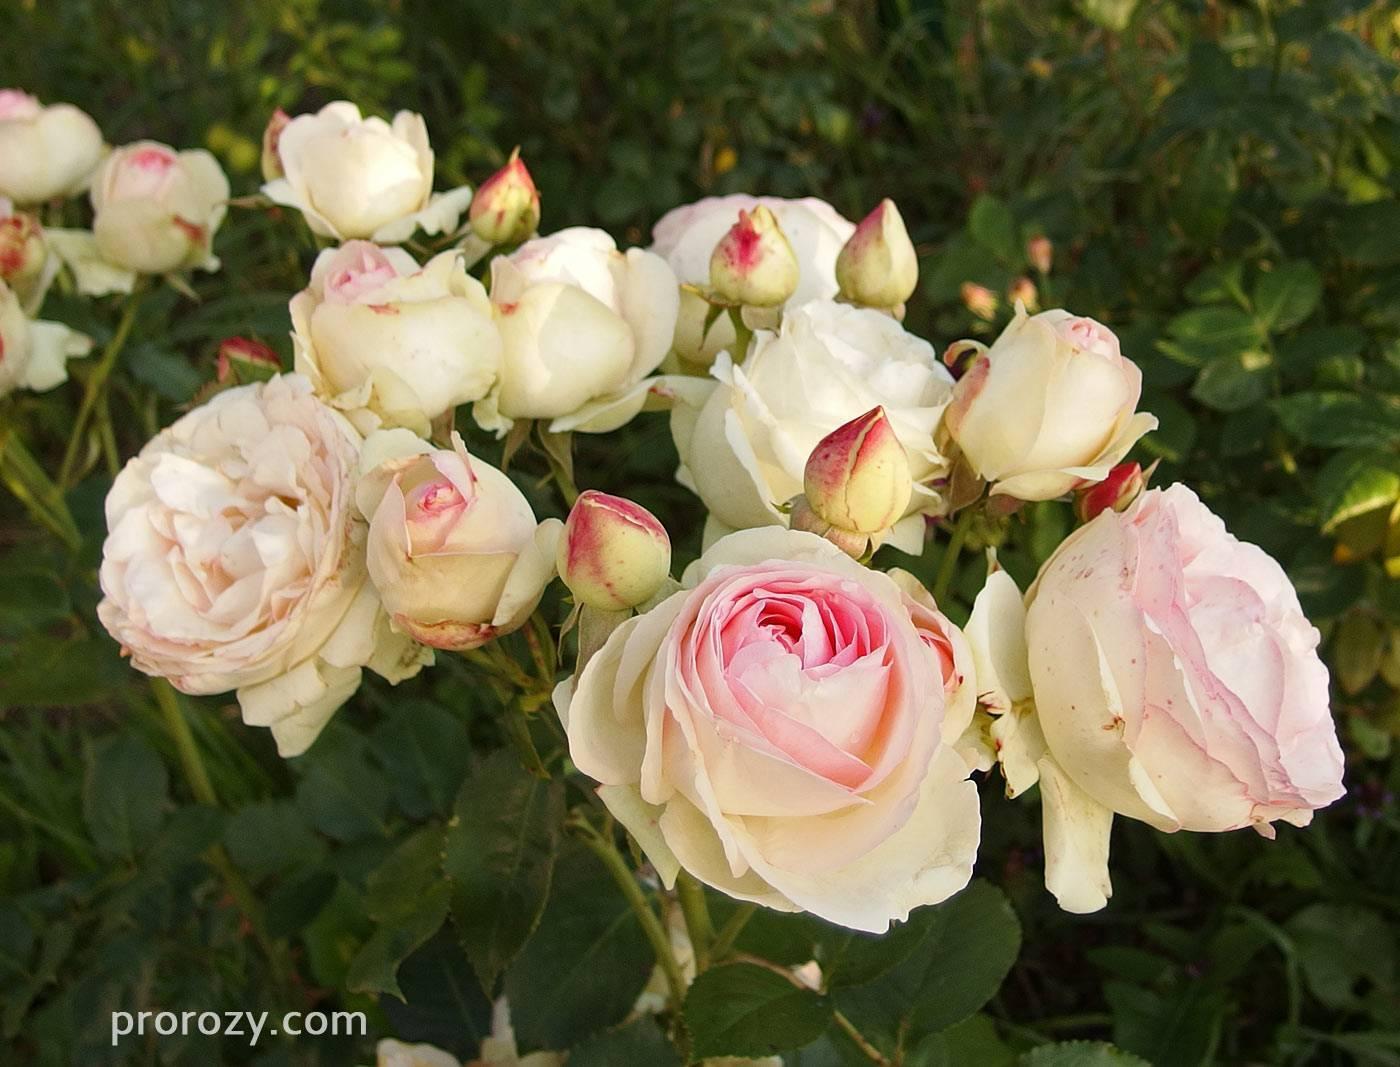 Описание розы пьер де ронсар